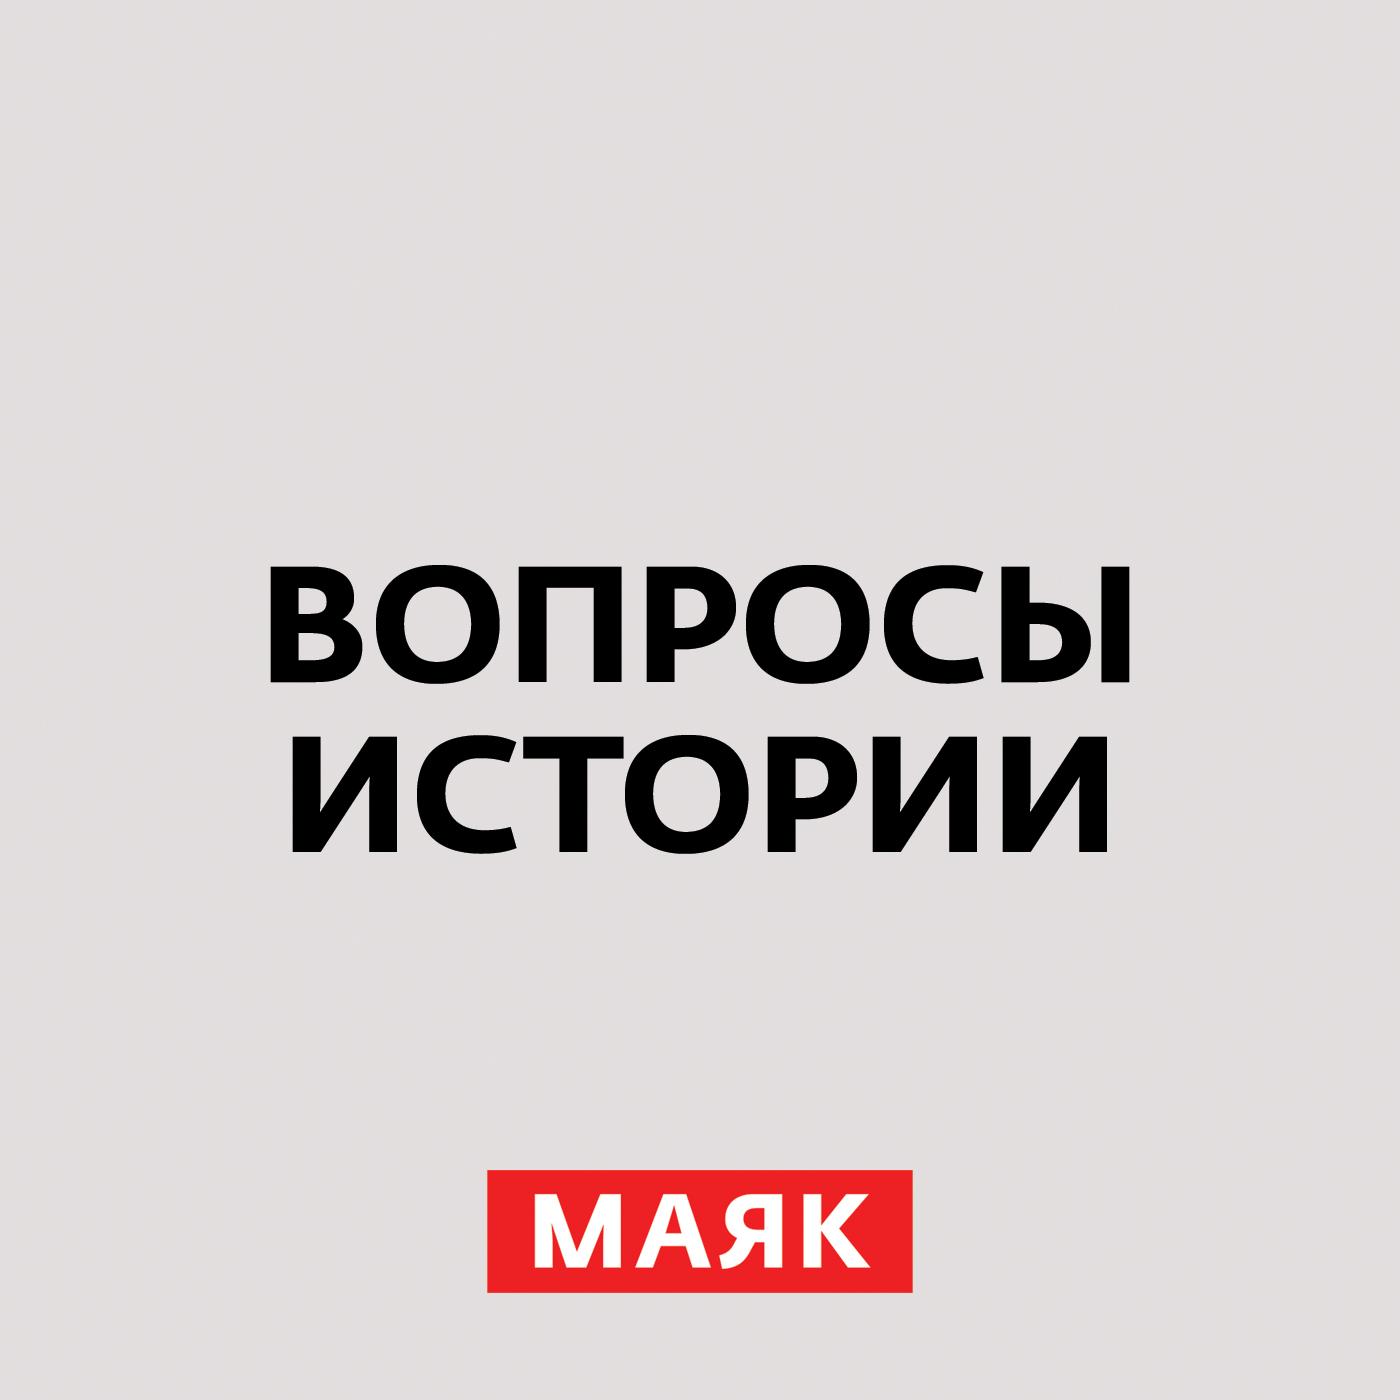 Андрей Светенко Русский бунт – бессмысленный и беспощадный